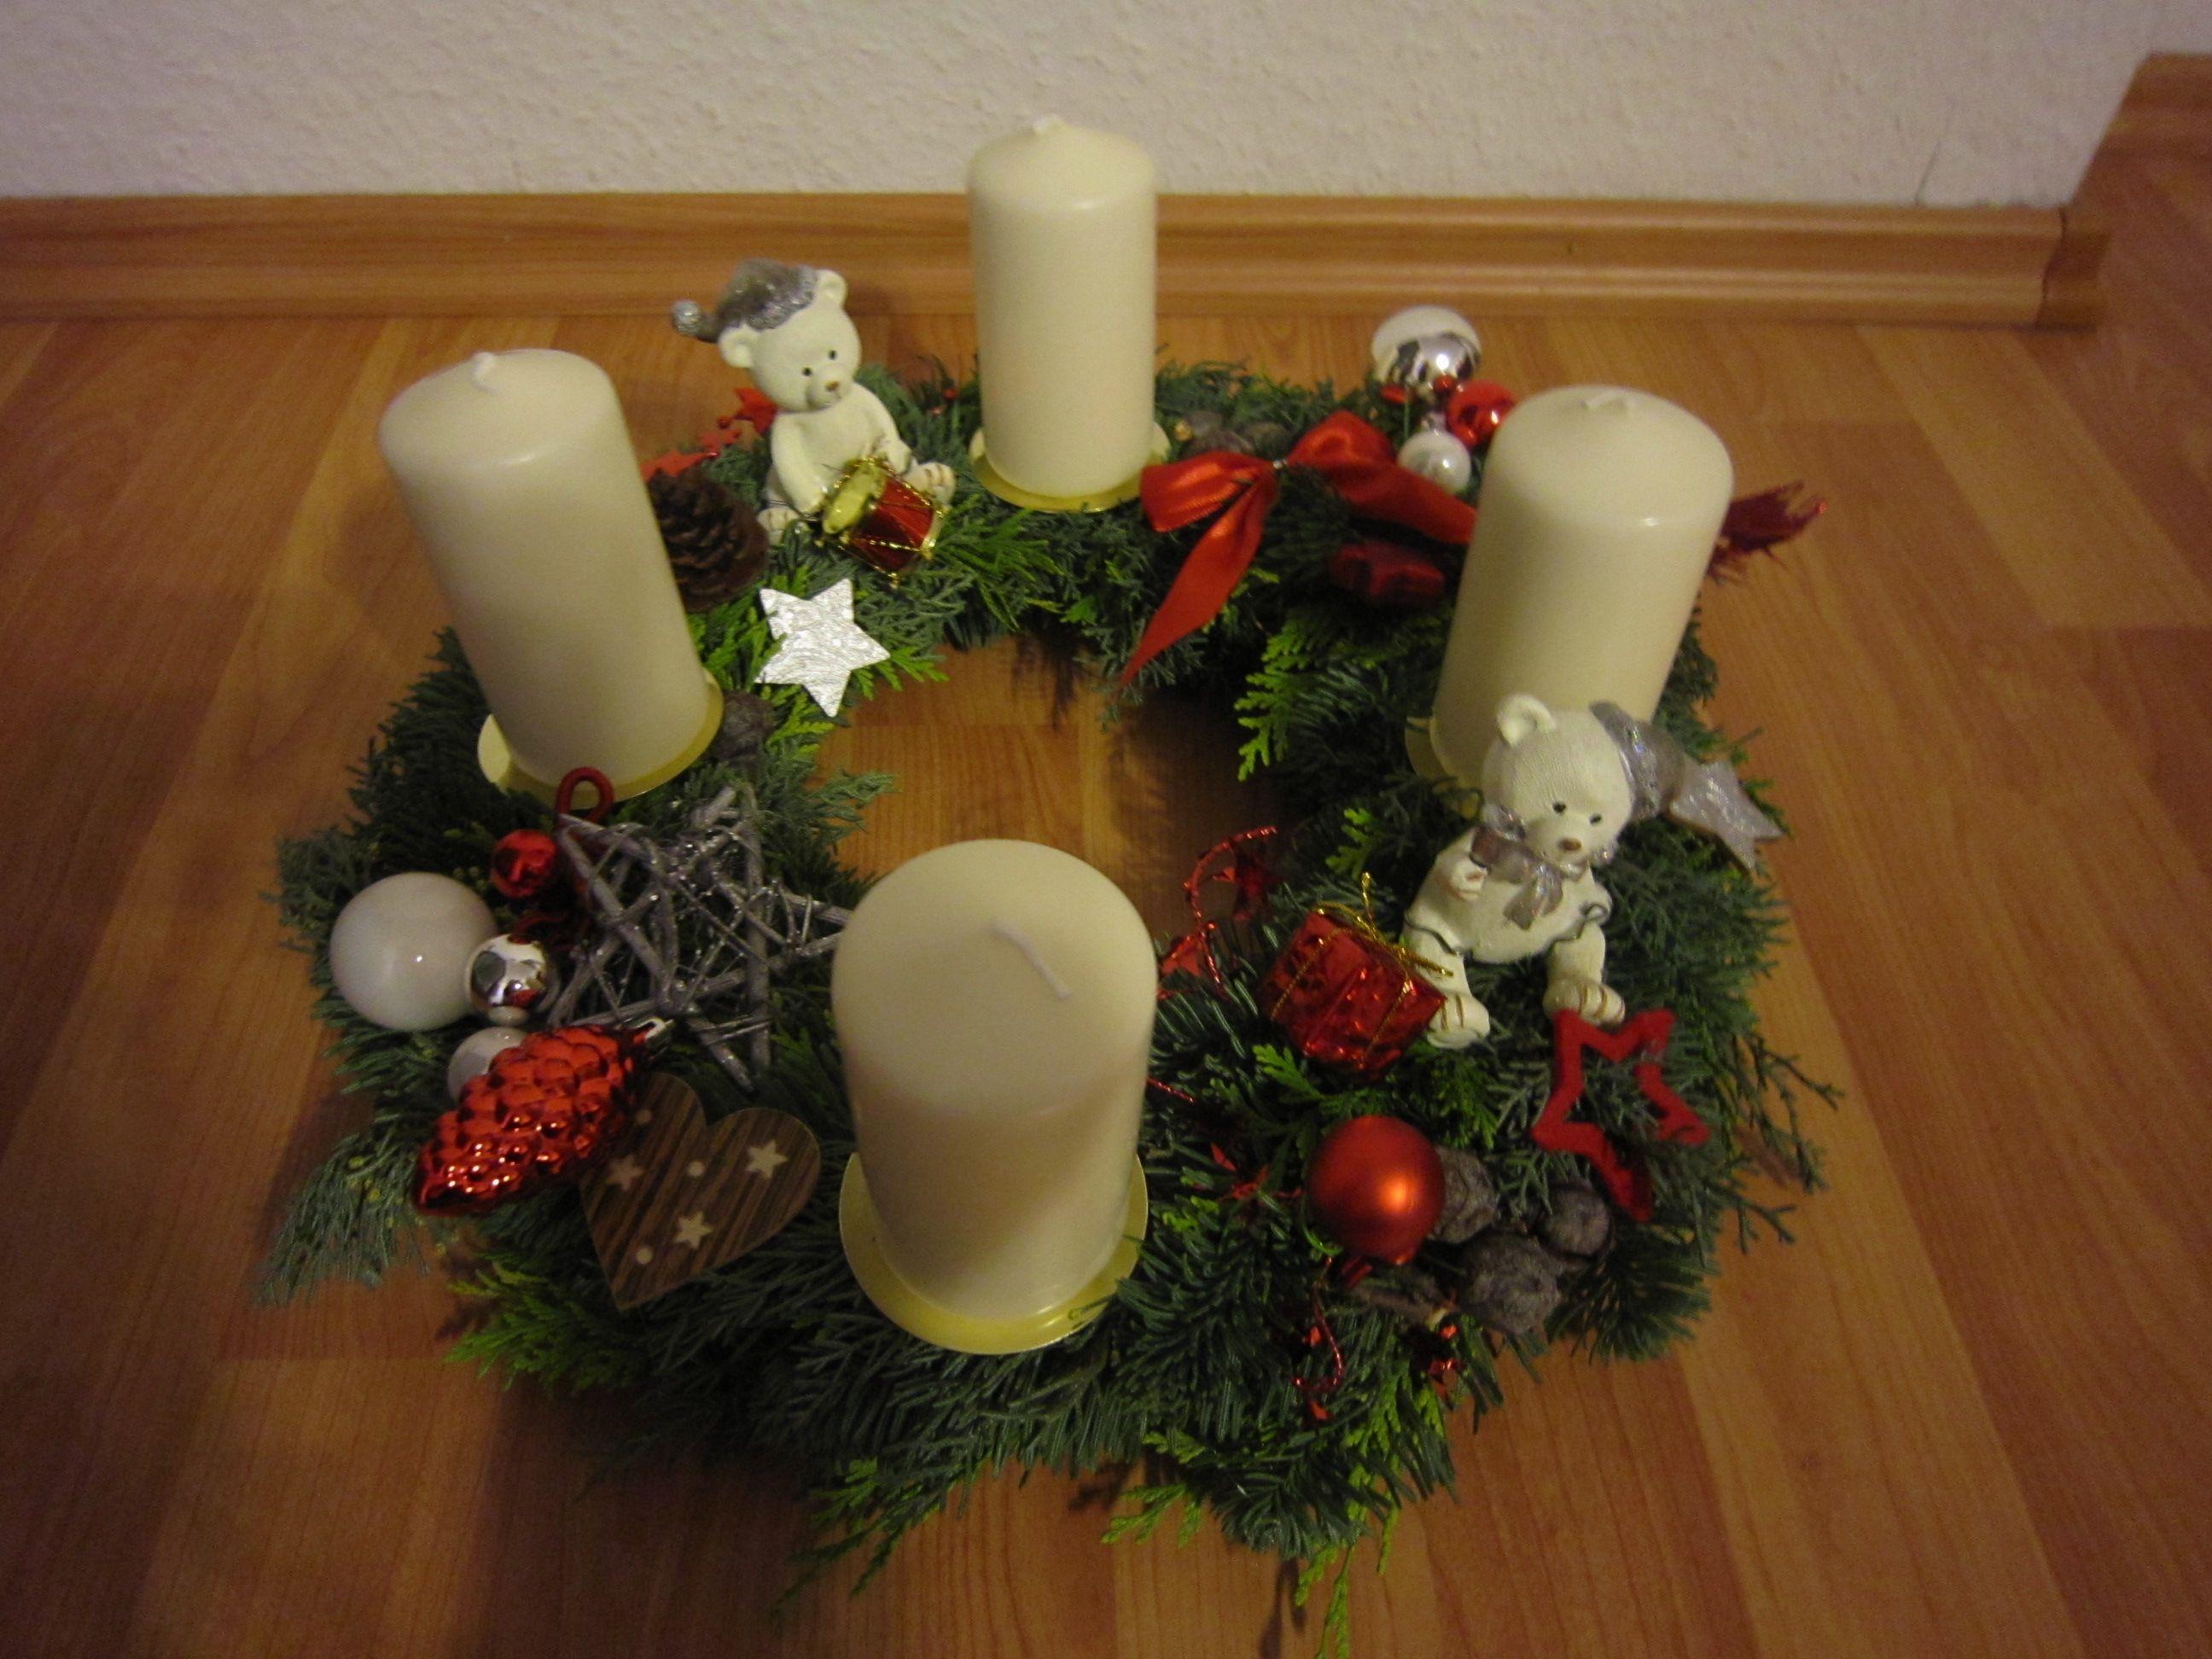 adventskranz weihnachtskranz wei rot mit eisb ren x mas deko pinterest. Black Bedroom Furniture Sets. Home Design Ideas